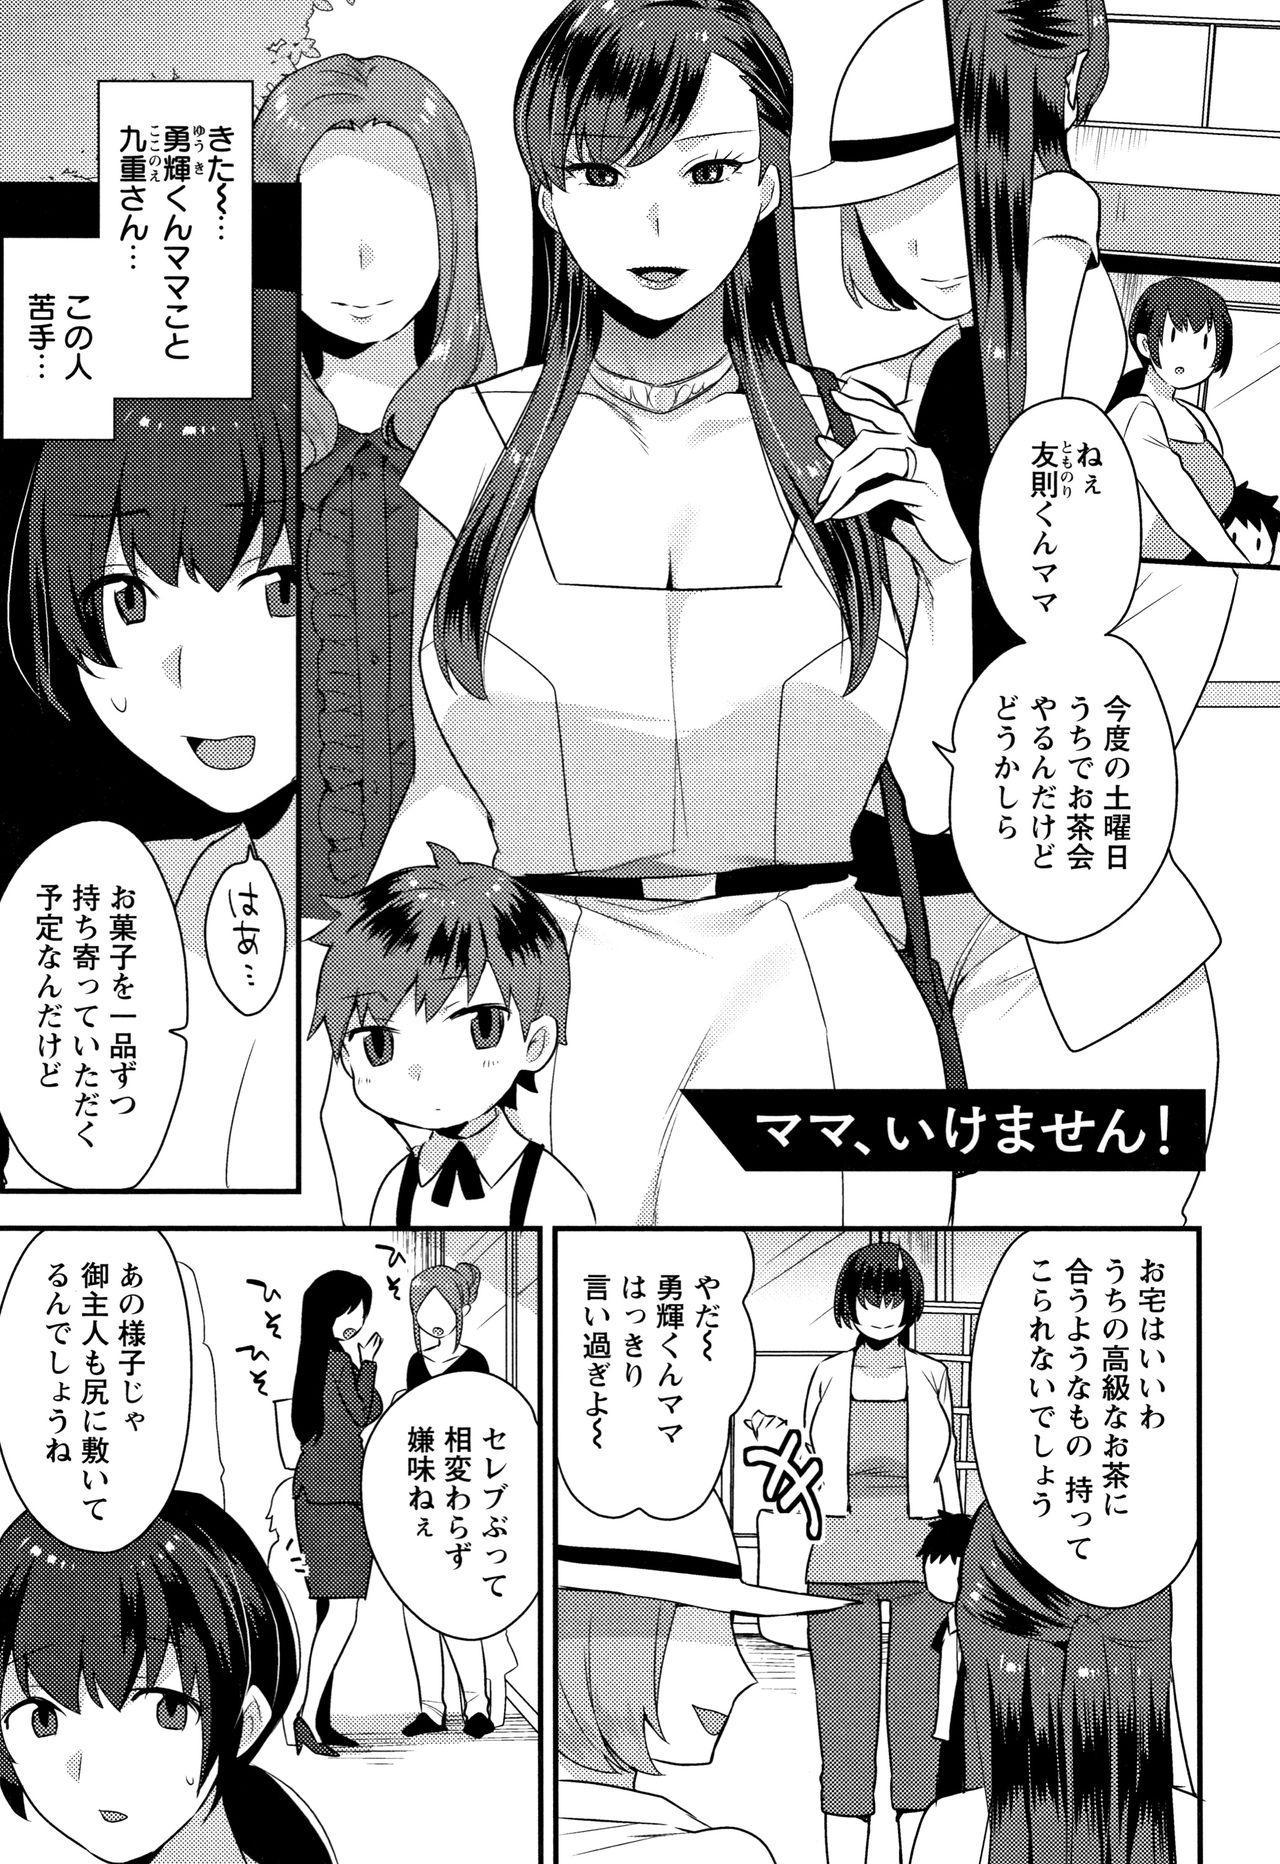 Nureta Manazashi 43